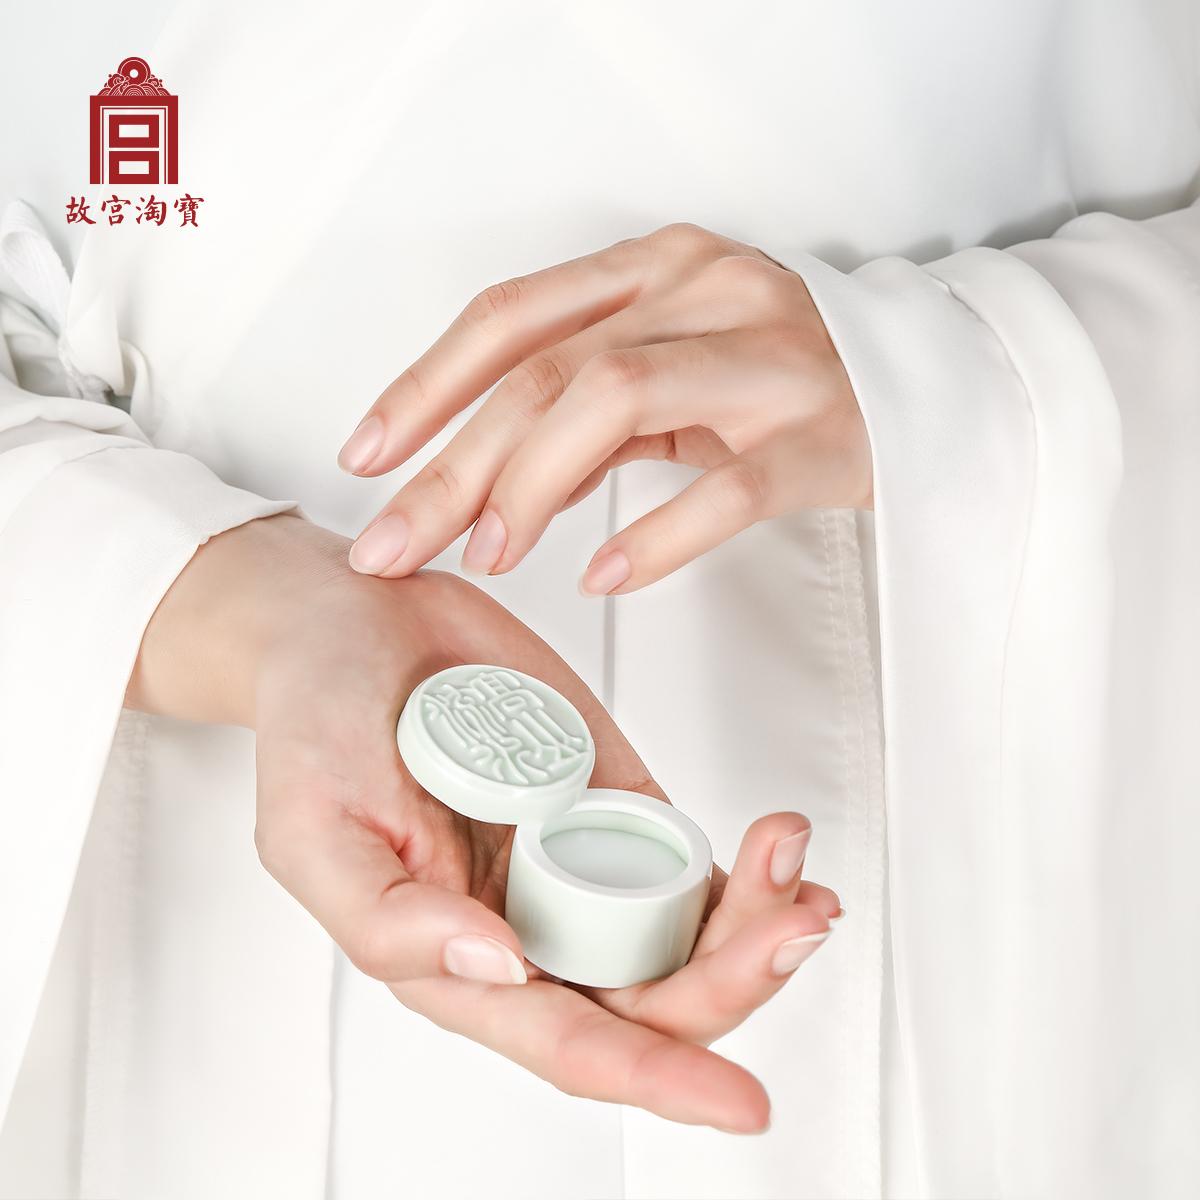 【故宫淘宝】归来衫袖有天香-古风陶瓷固体香水淡香膏梅花/栀子花